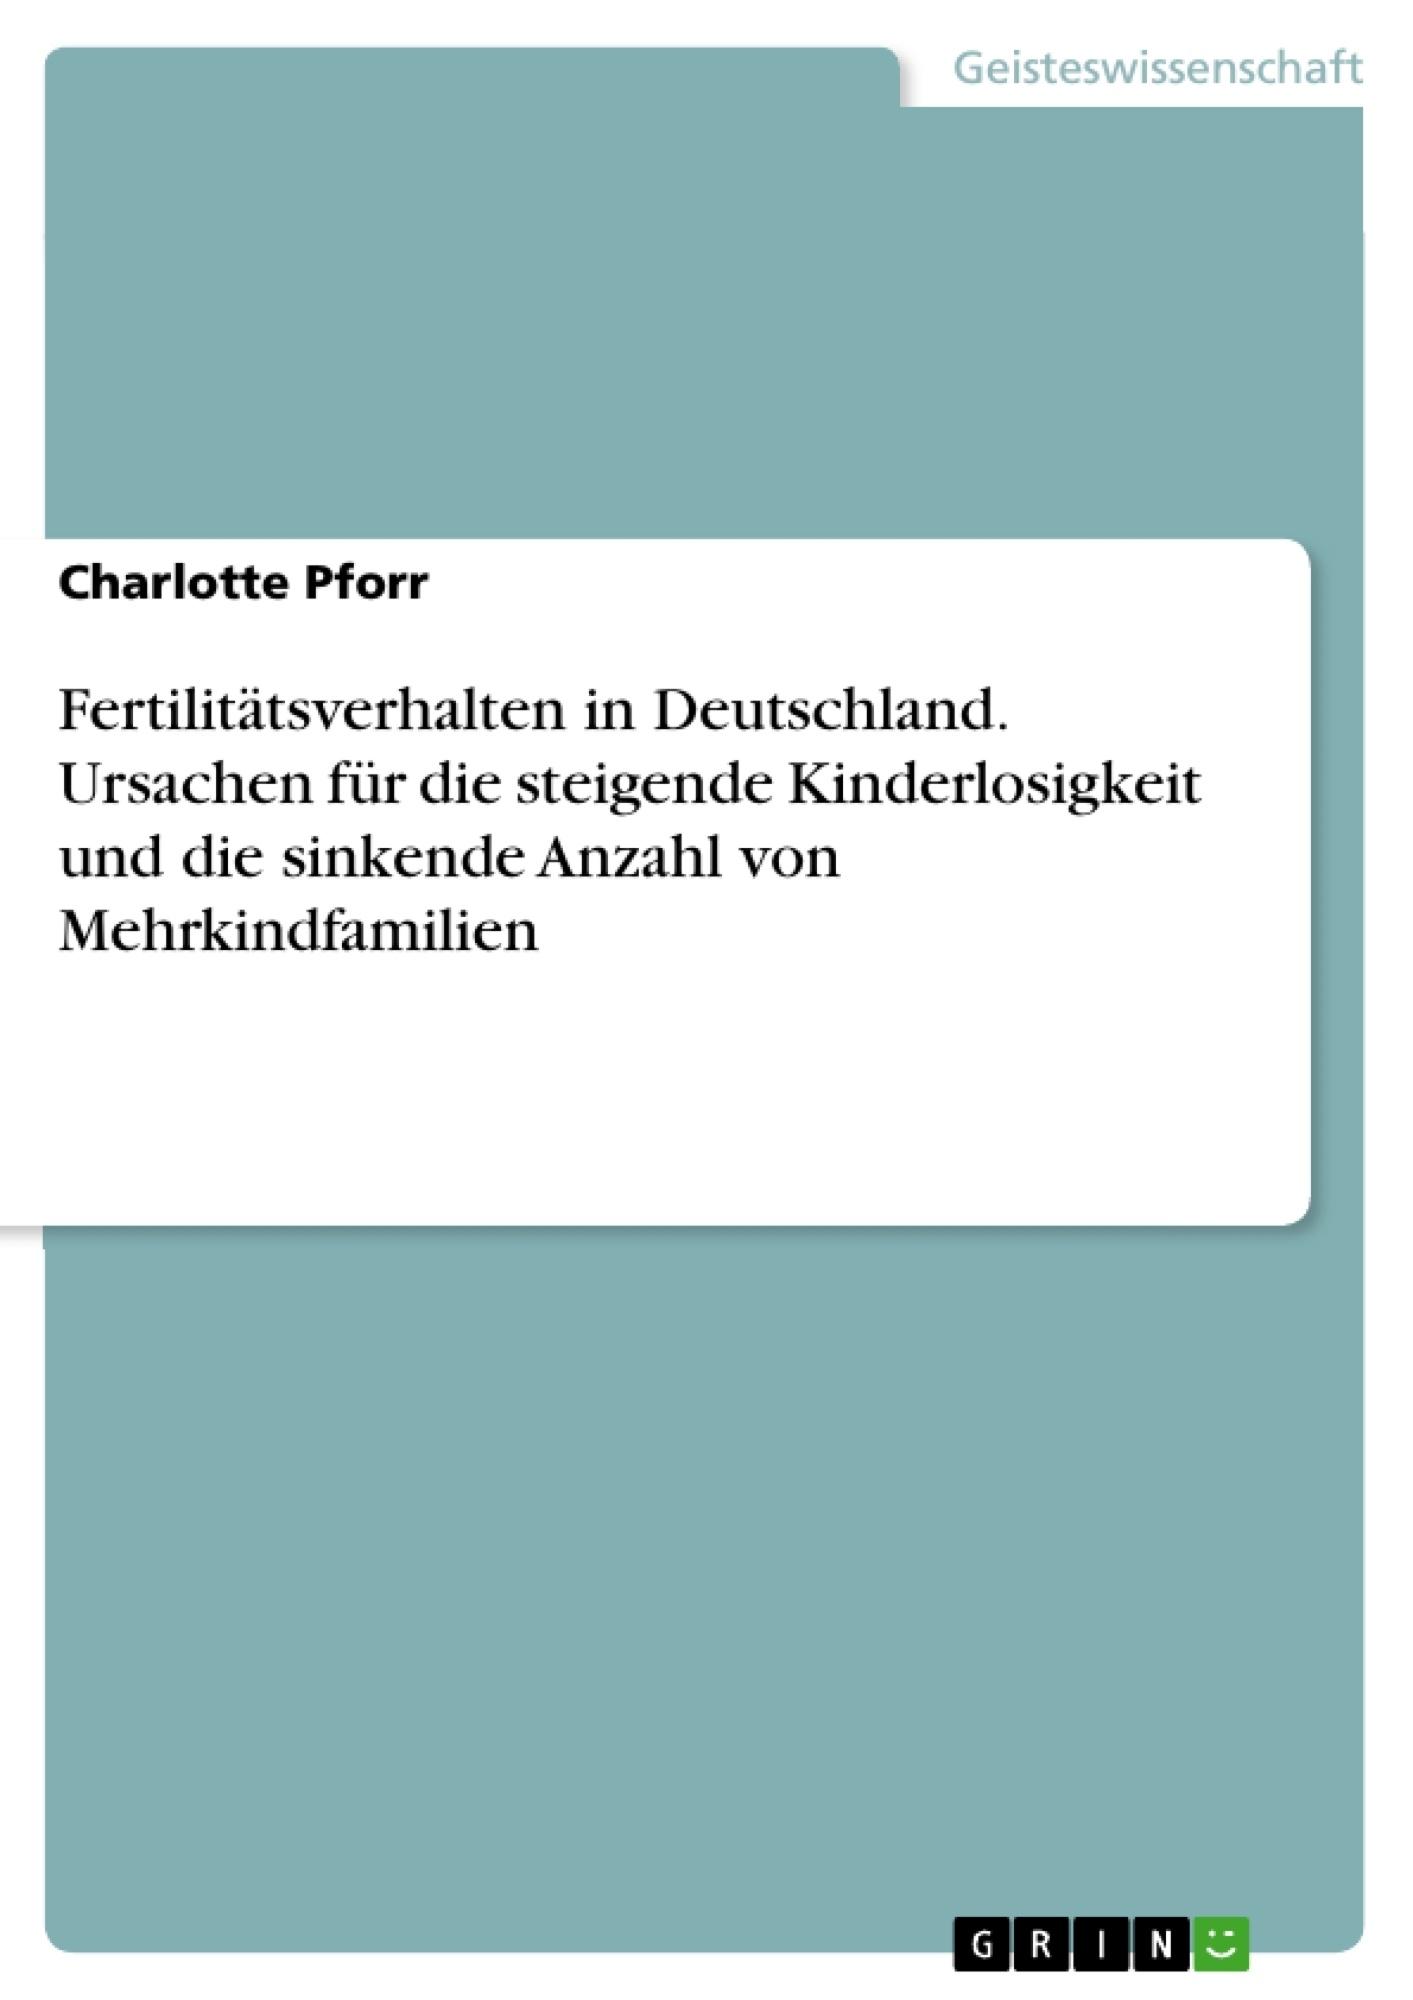 Titel: Fertilitätsverhalten in Deutschland. Ursachen für die steigende Kinderlosigkeit und die sinkende Anzahl von Mehrkindfamilien